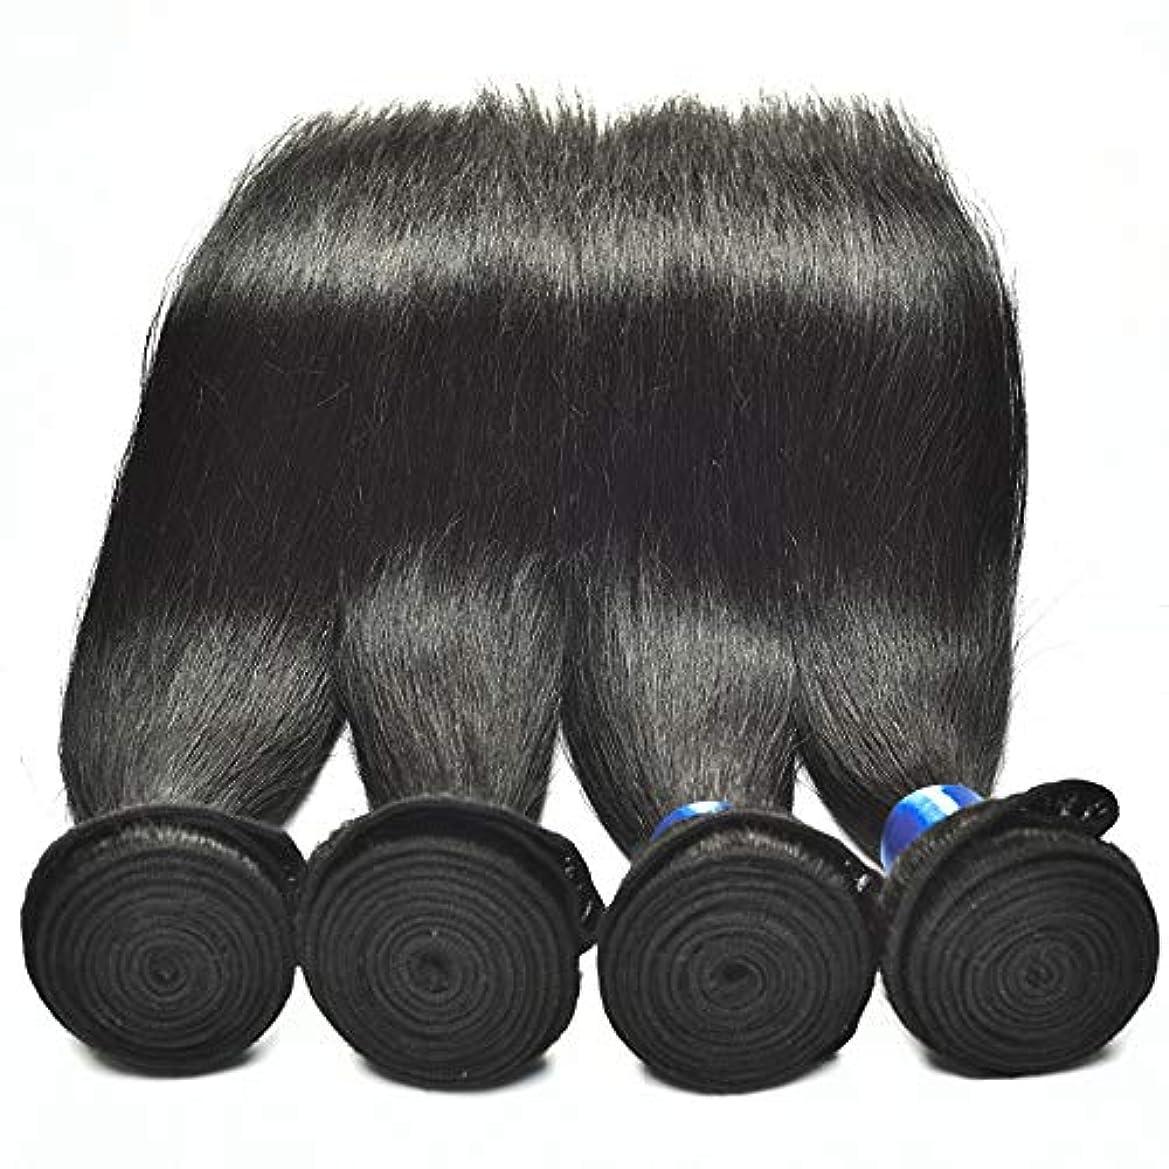 眉達成可能変な女性の髪織り150%密度8aグレードブラジルバージンヘアストレートレミー髪1バンドルレミー人間の髪の毛の織り